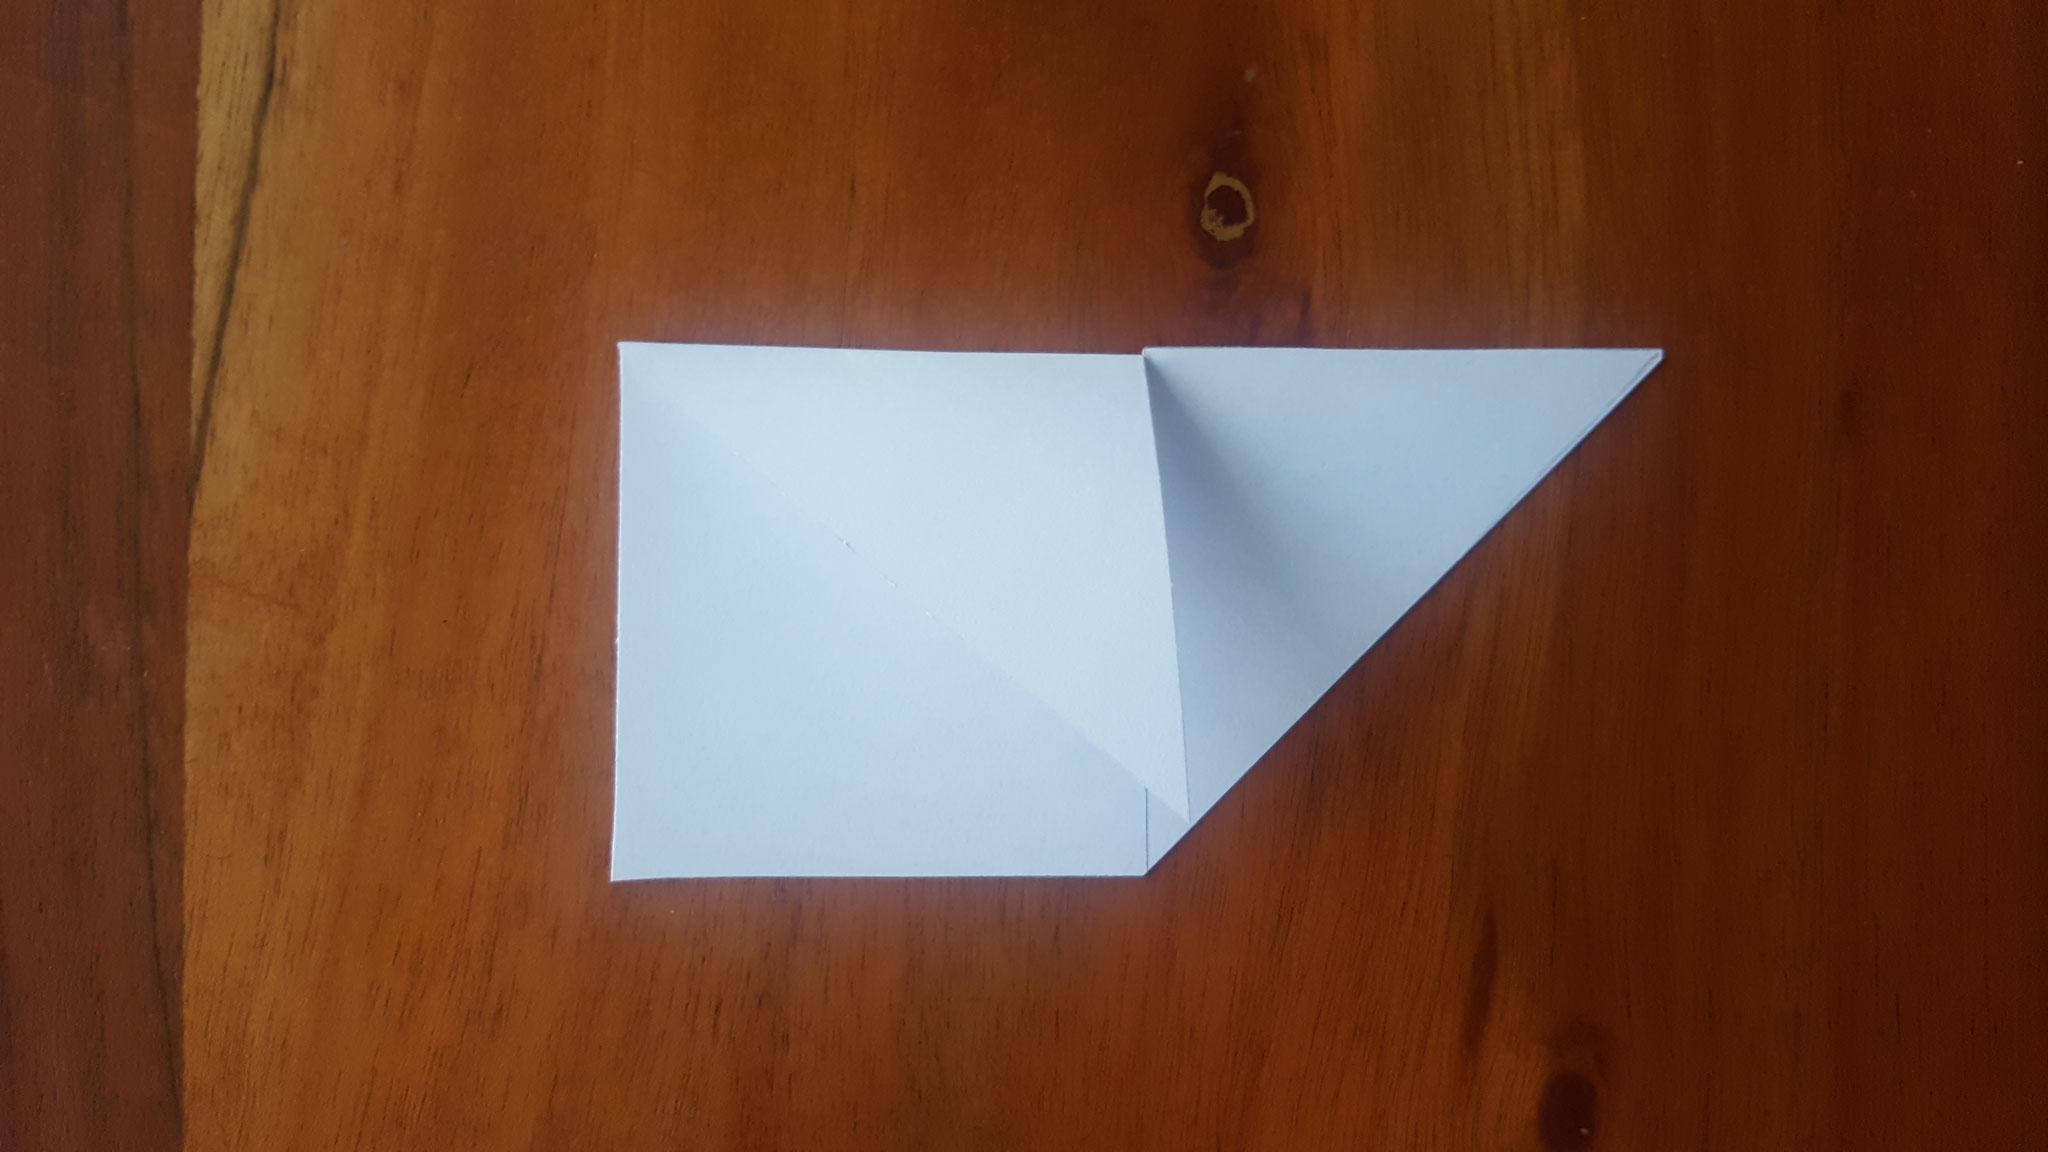 Das erste Dreieck zur Mitte hingeknickt